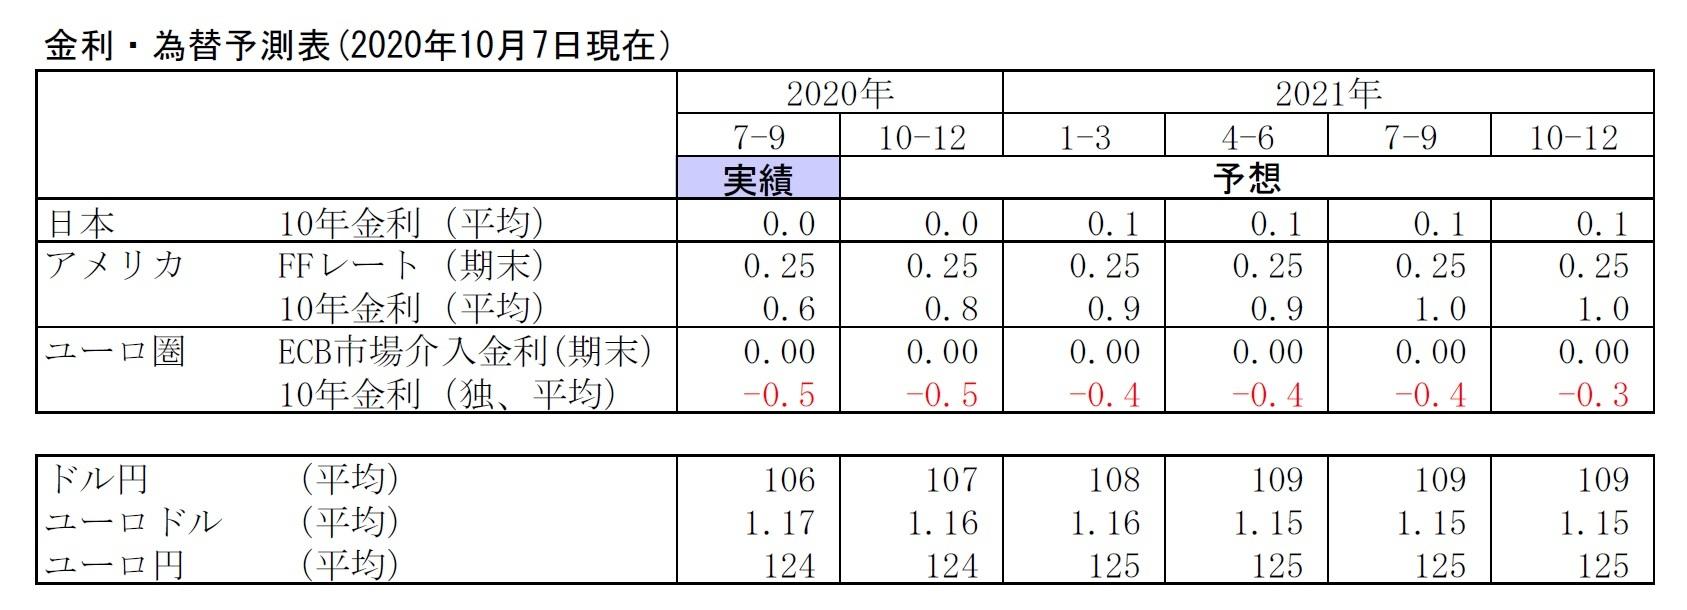 金利・為替予測表(2020年10月7日現在)